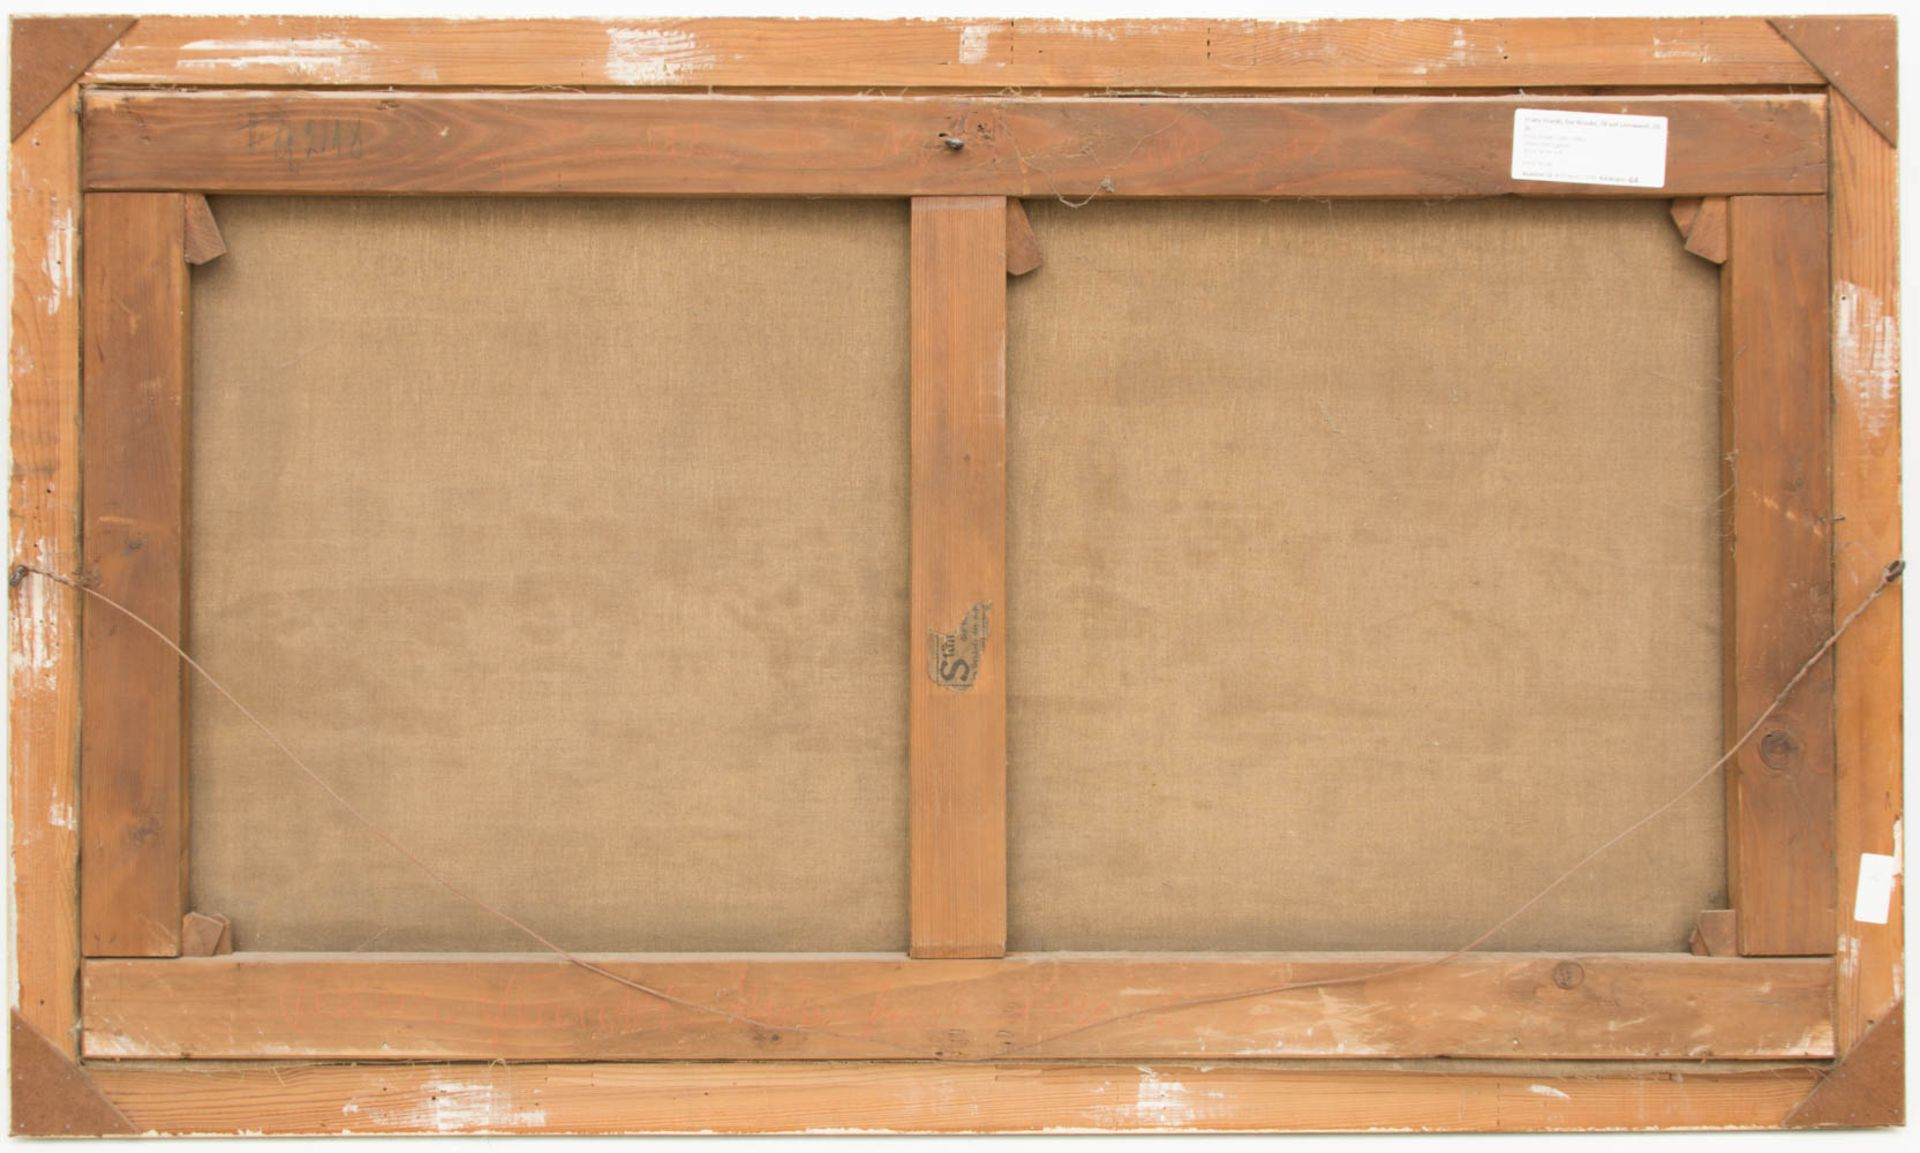 Franz Frankl, Die Brücke, Öl auf Leinwand, 20. Jh.Franz Frankl (1881 - 1940).Unt - Bild 4 aus 4